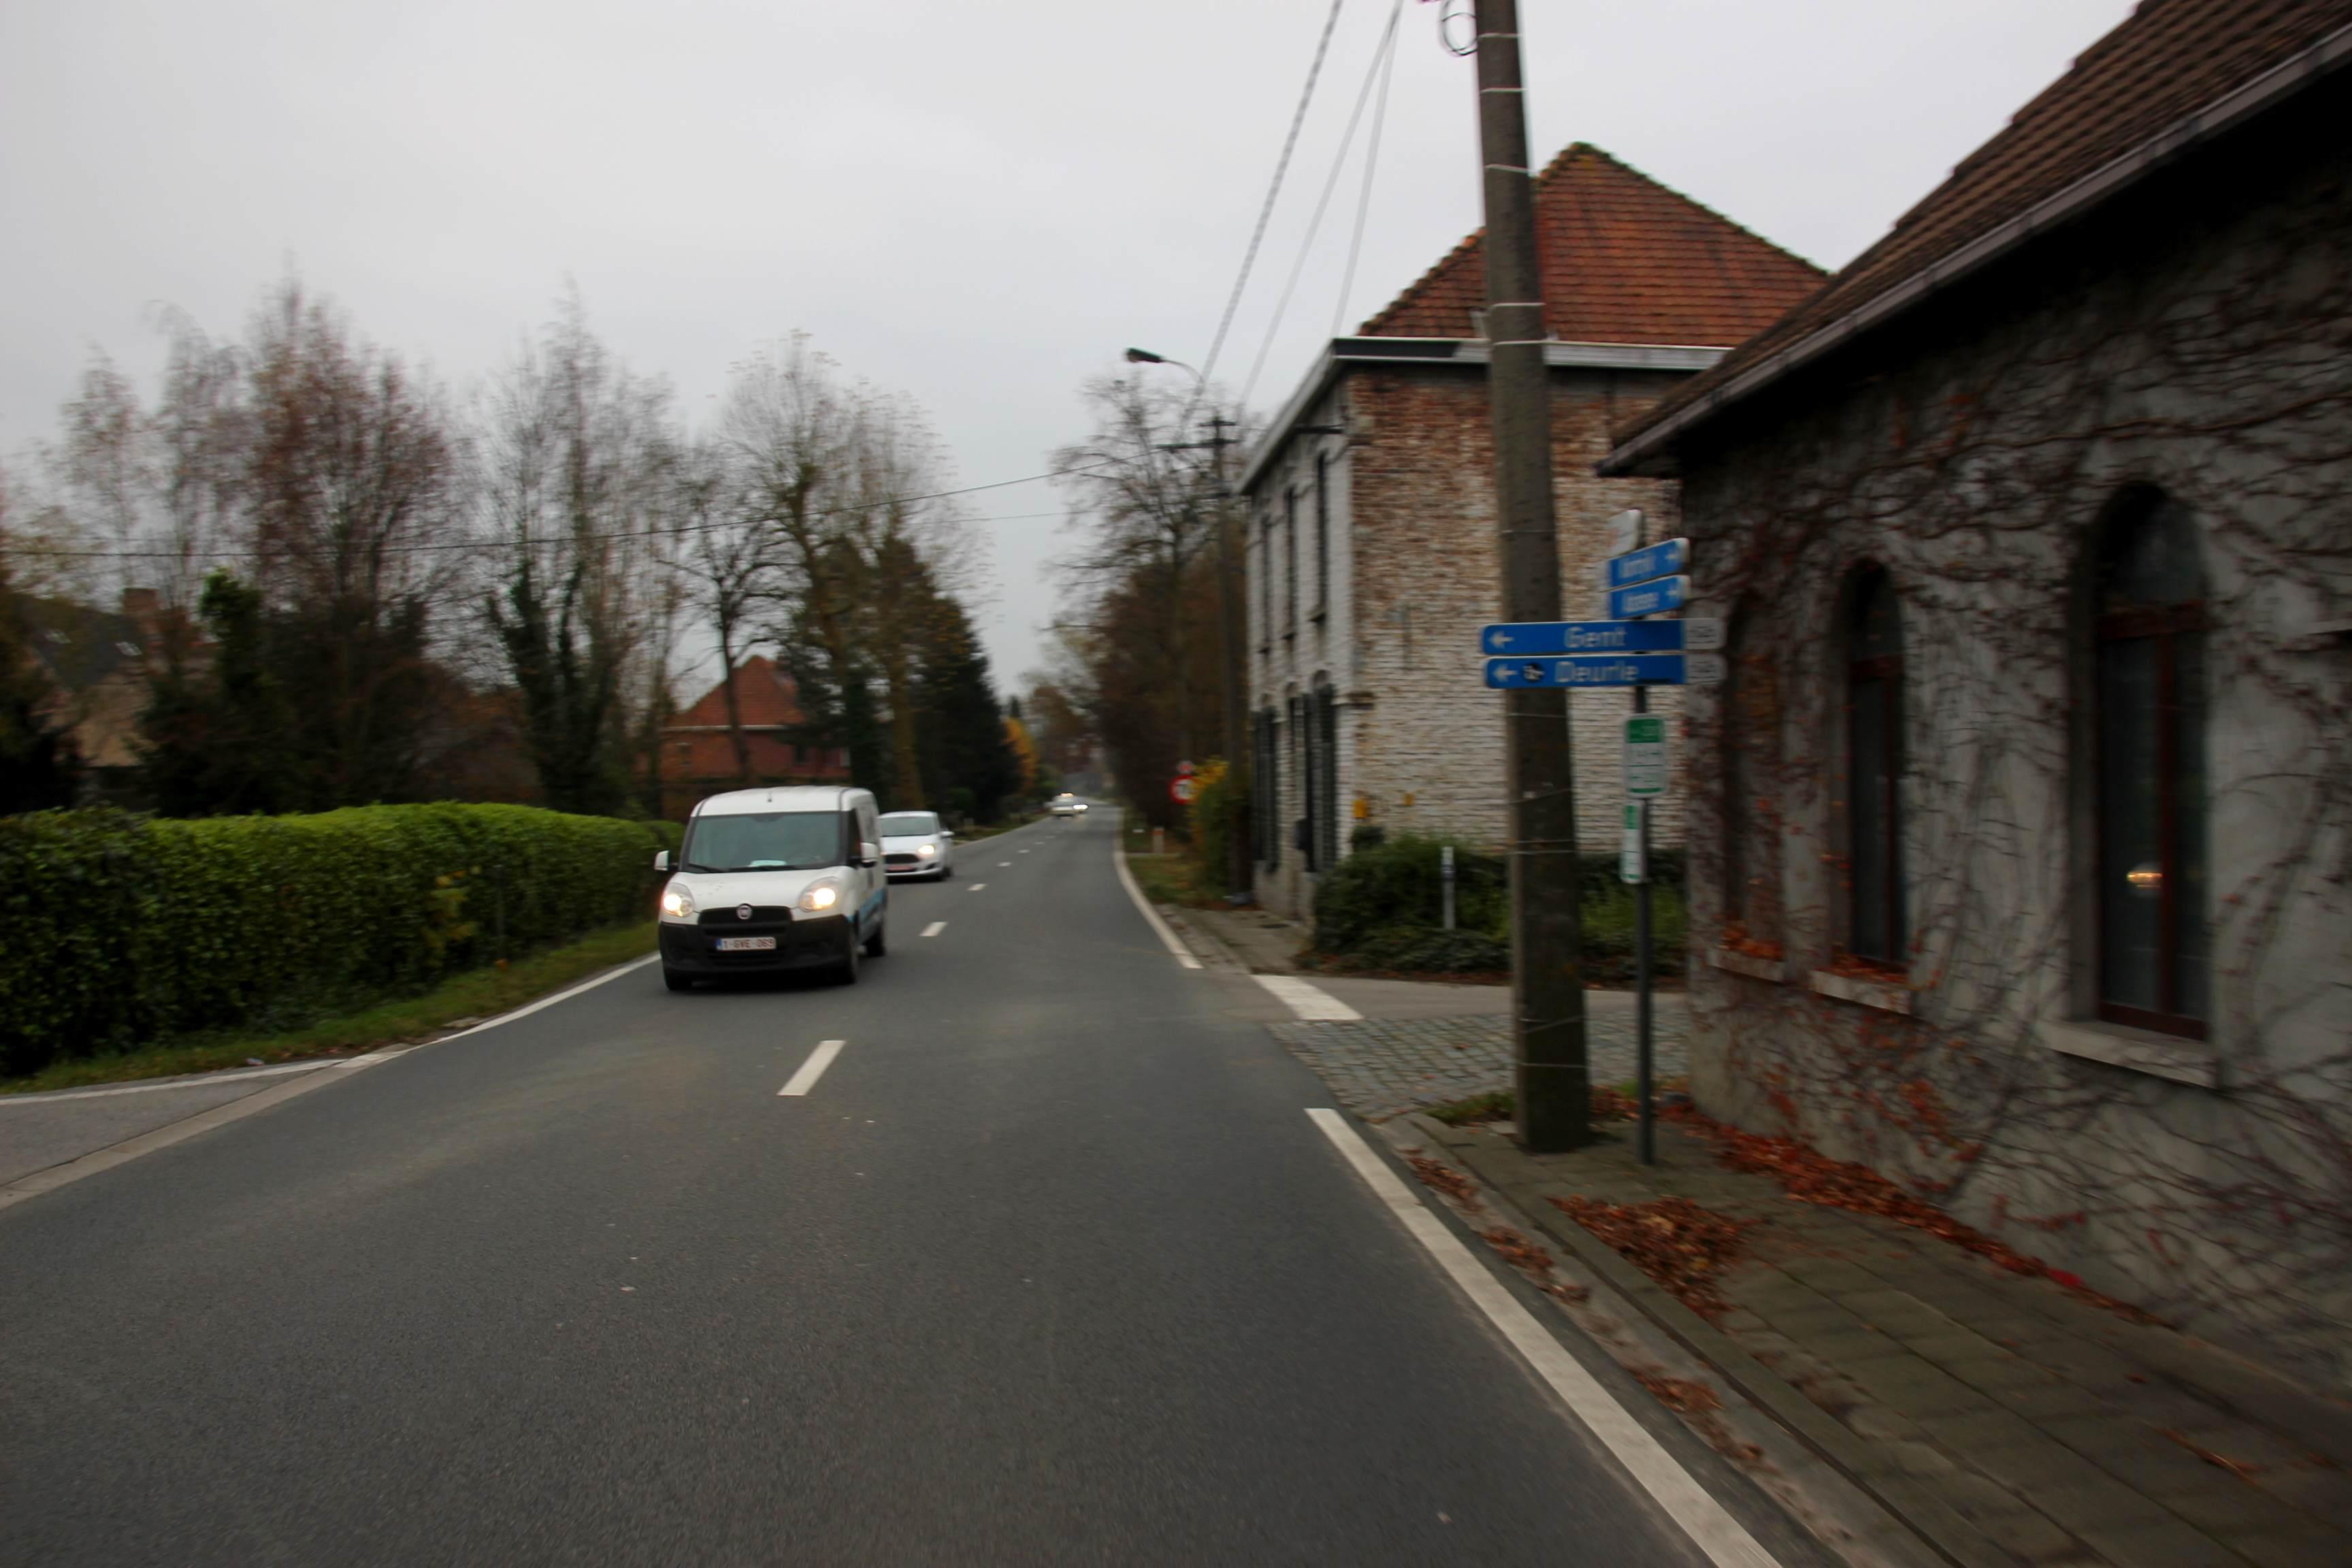 26nov16, Klapstraat, Sint-Martens-Latem